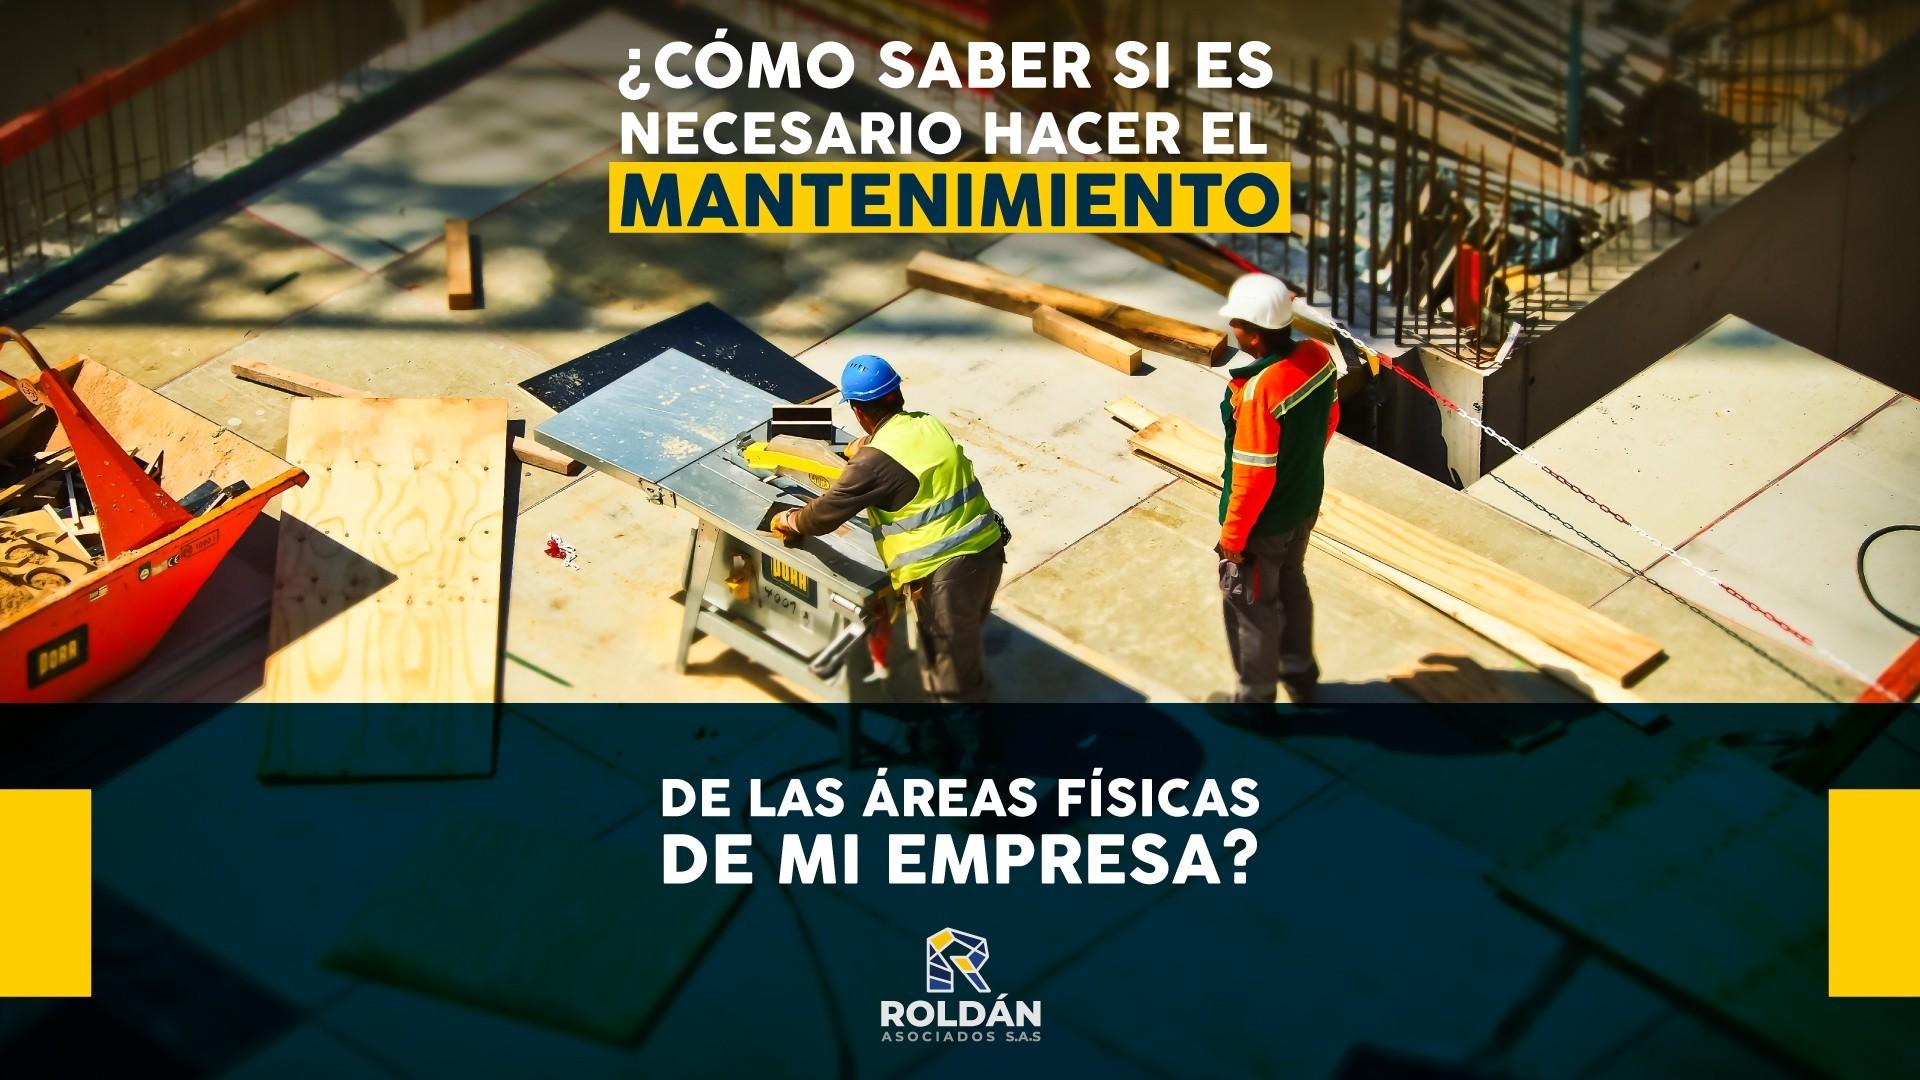 ¿Cómo saber si es necesario hacer el mantenimiento de las áreas físicas de mi empresa?